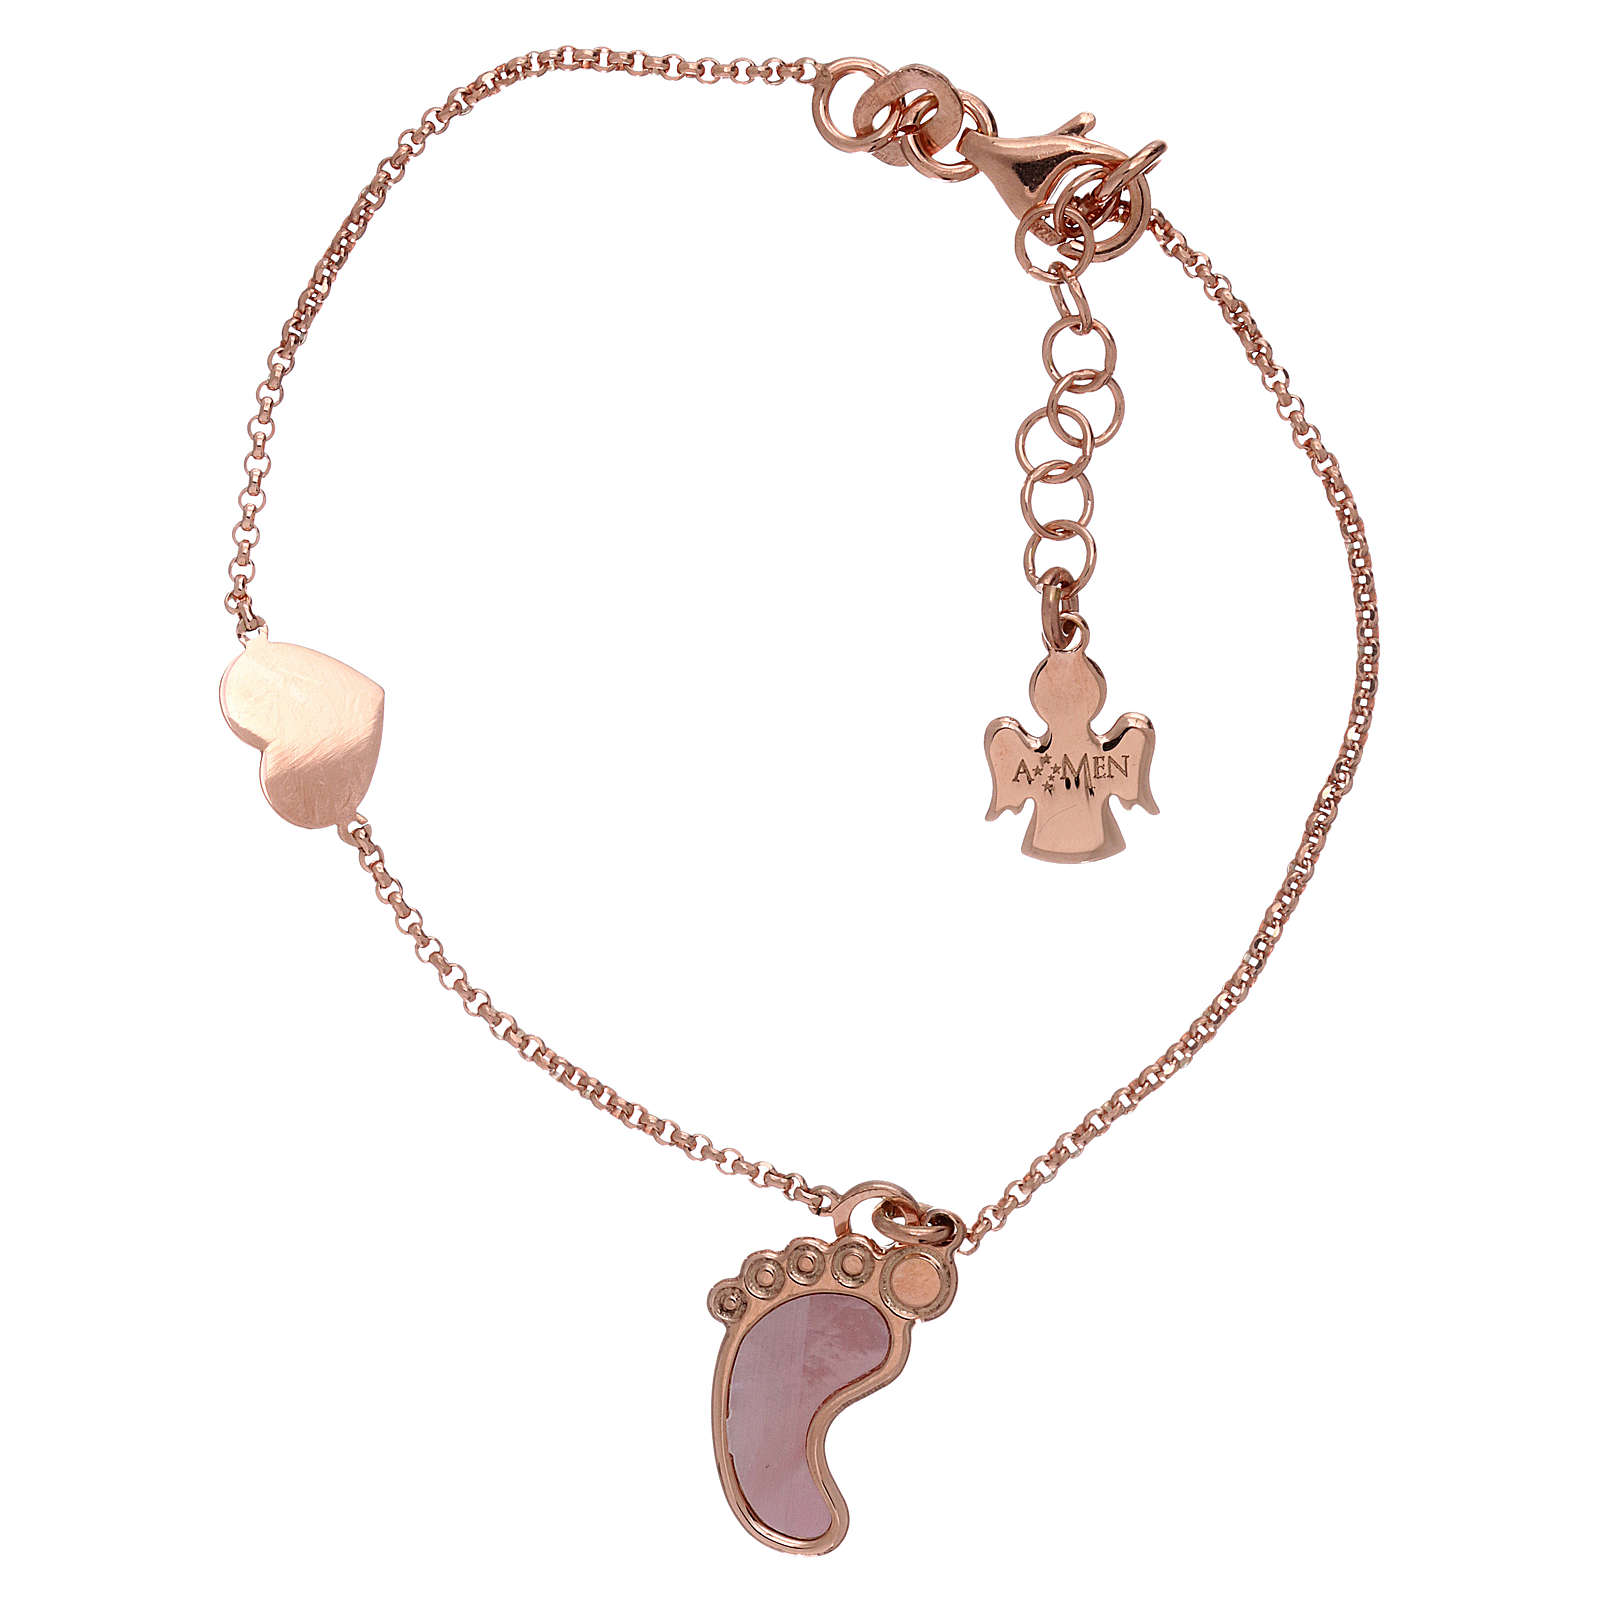 Pulsera plata 925 rosada con colgante forma pie y corazón AMEN 4